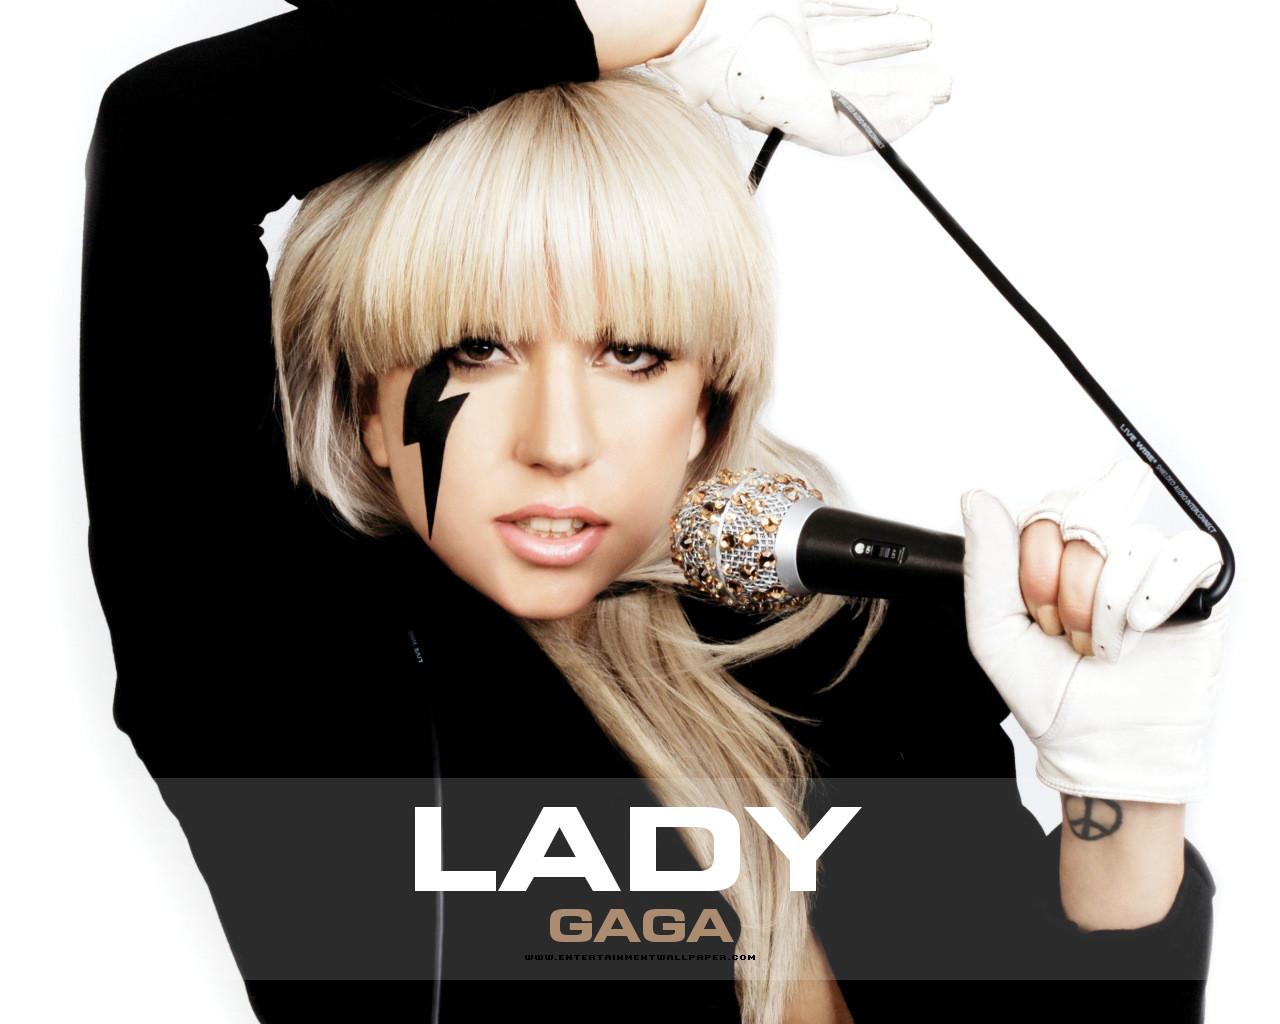 http://3.bp.blogspot.com/_6ryEeuz7sio/TRzE0PIo7zI/AAAAAAAAACo/H0b-ou5Jrgs/s1600/lady_gaga_4.jpg